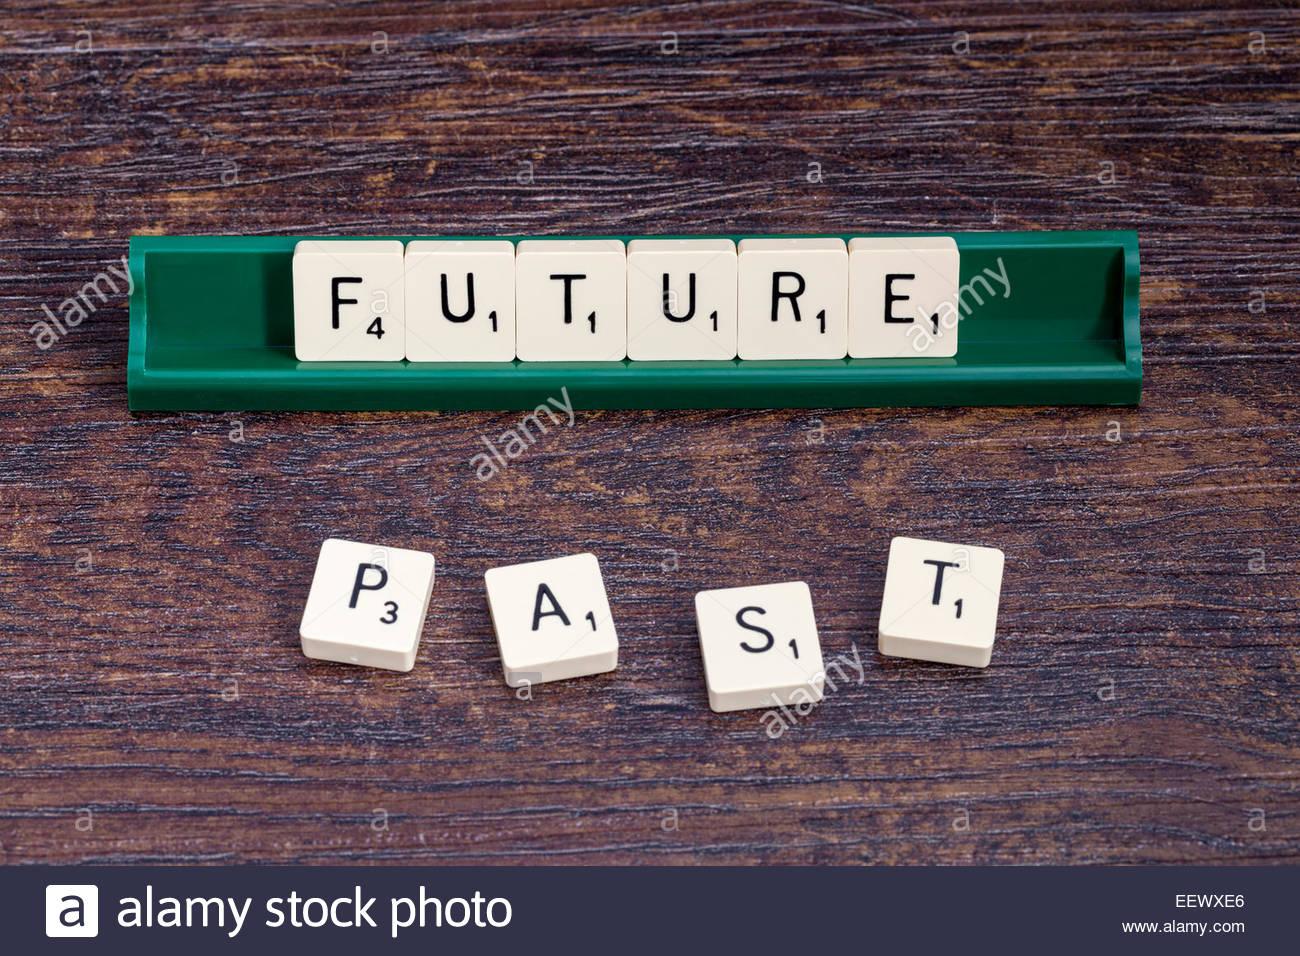 Futuro e passato enunciato con lettere di Scrabble. Immagini Stock